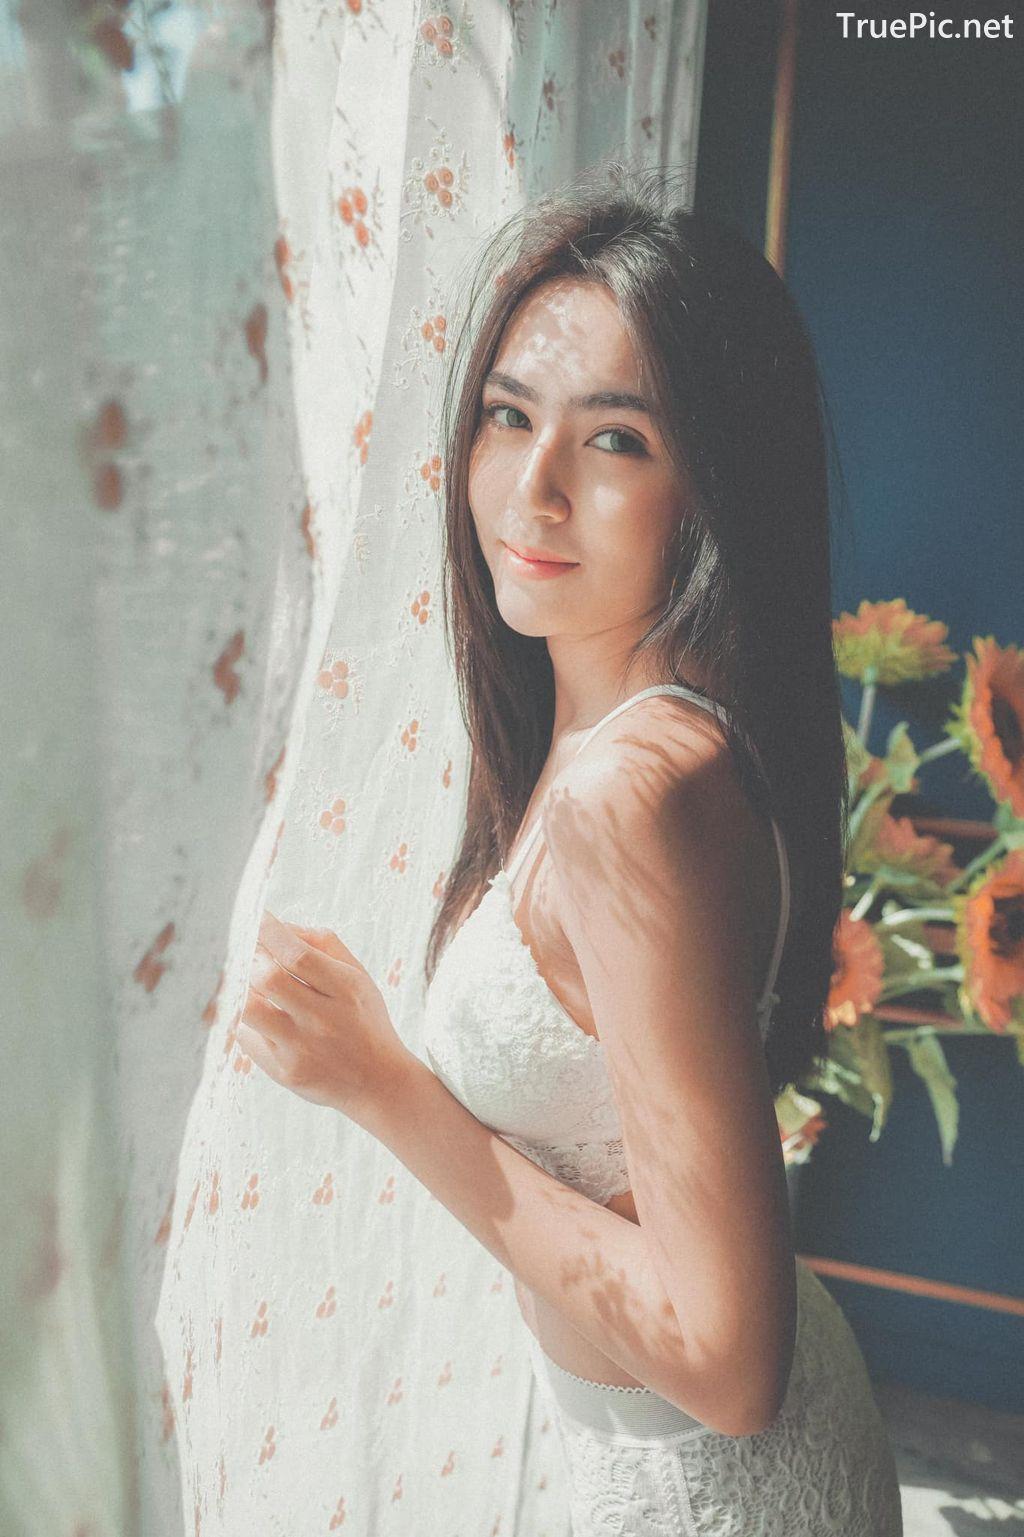 Image-Thailand-Model-Baifern-Rinrucha-Kamnark-White-Lingerie-TruePic.net- Picture-5